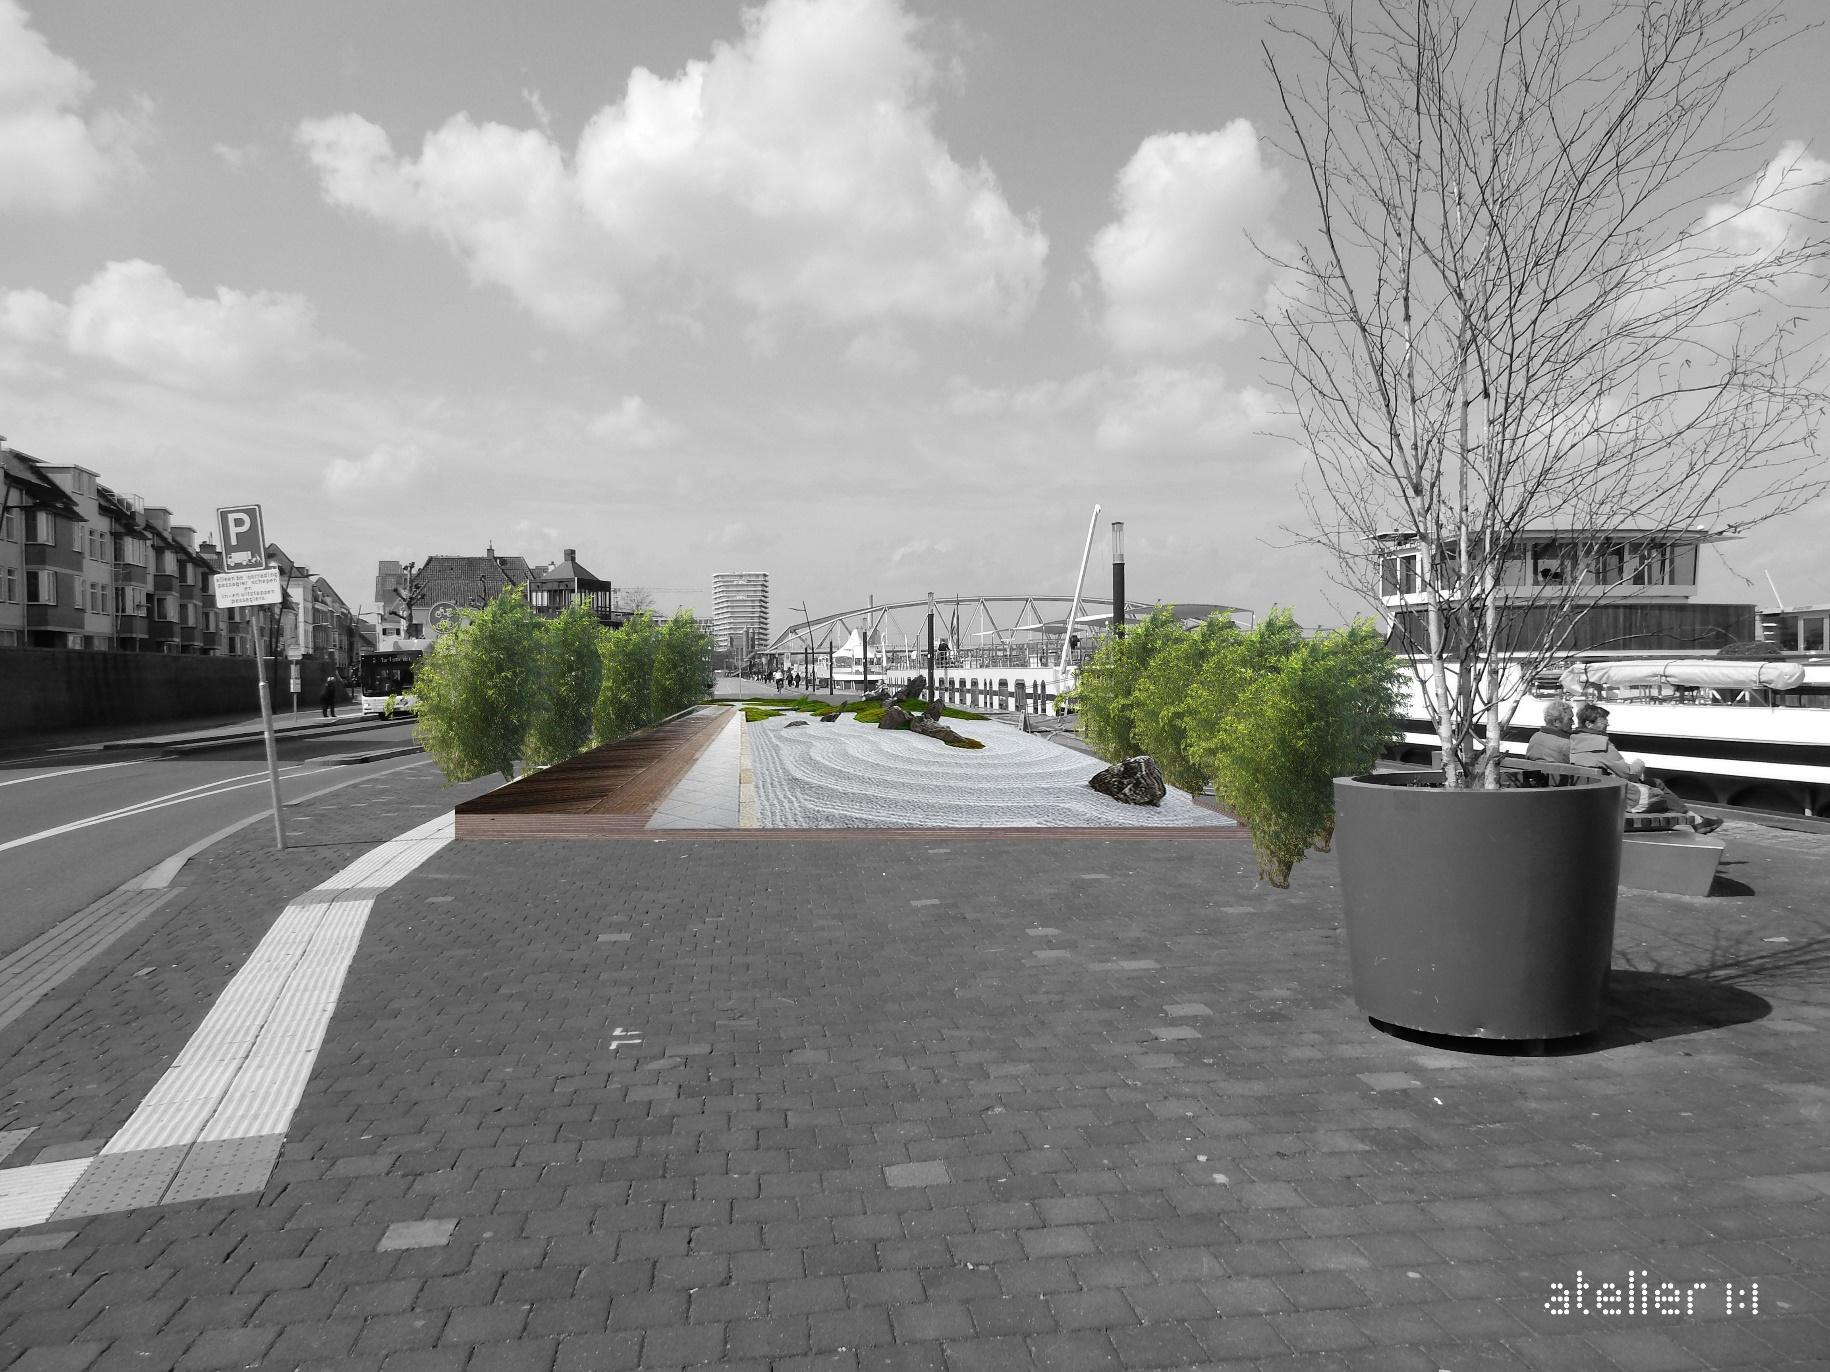 Nederland zenactueel 15 april 2016 zentuin for Tuin aanleggen nijmegen